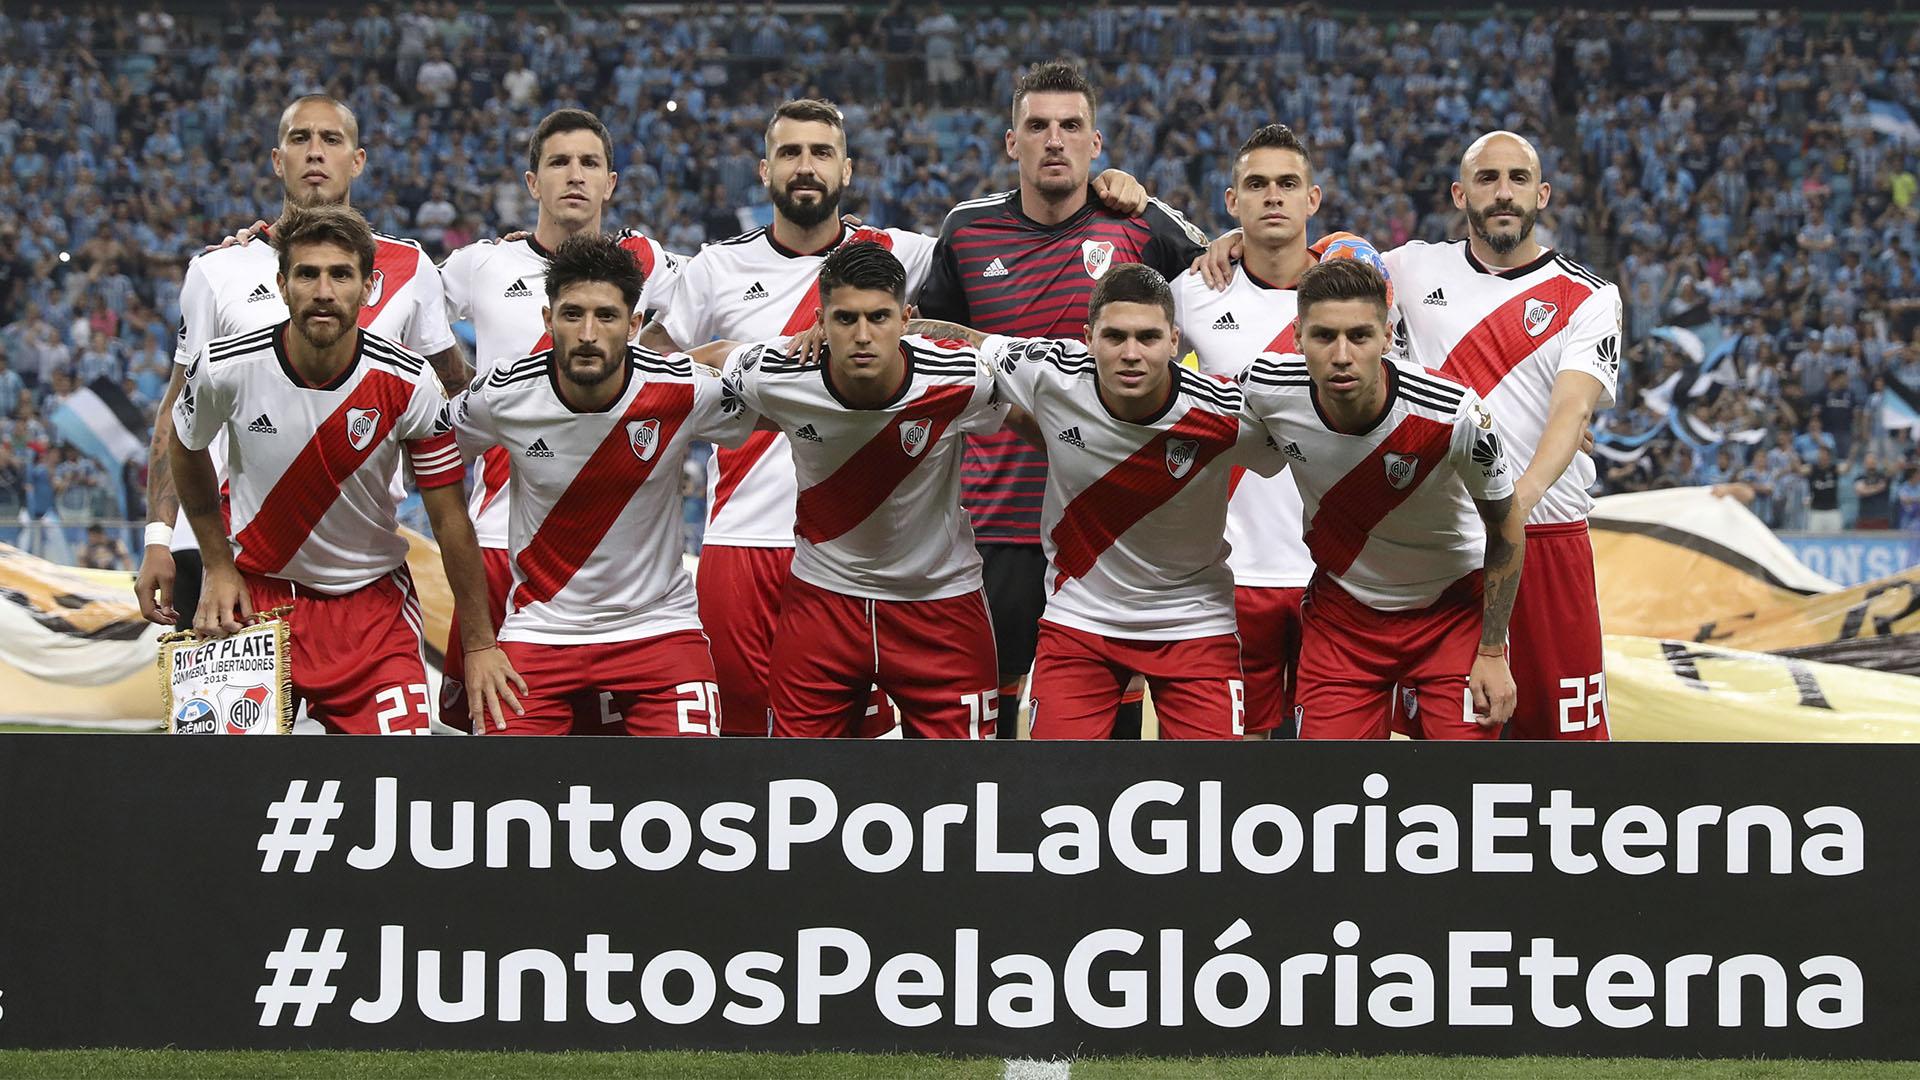 River había perdido por 1-0 la ida de la semifinal de la Copa Libertadores 2018 ante Gremio en Buenos Aires peró ganó 2 a 1 en Porto Alegre, Brasil, y se clasificó a la final (Reuters)